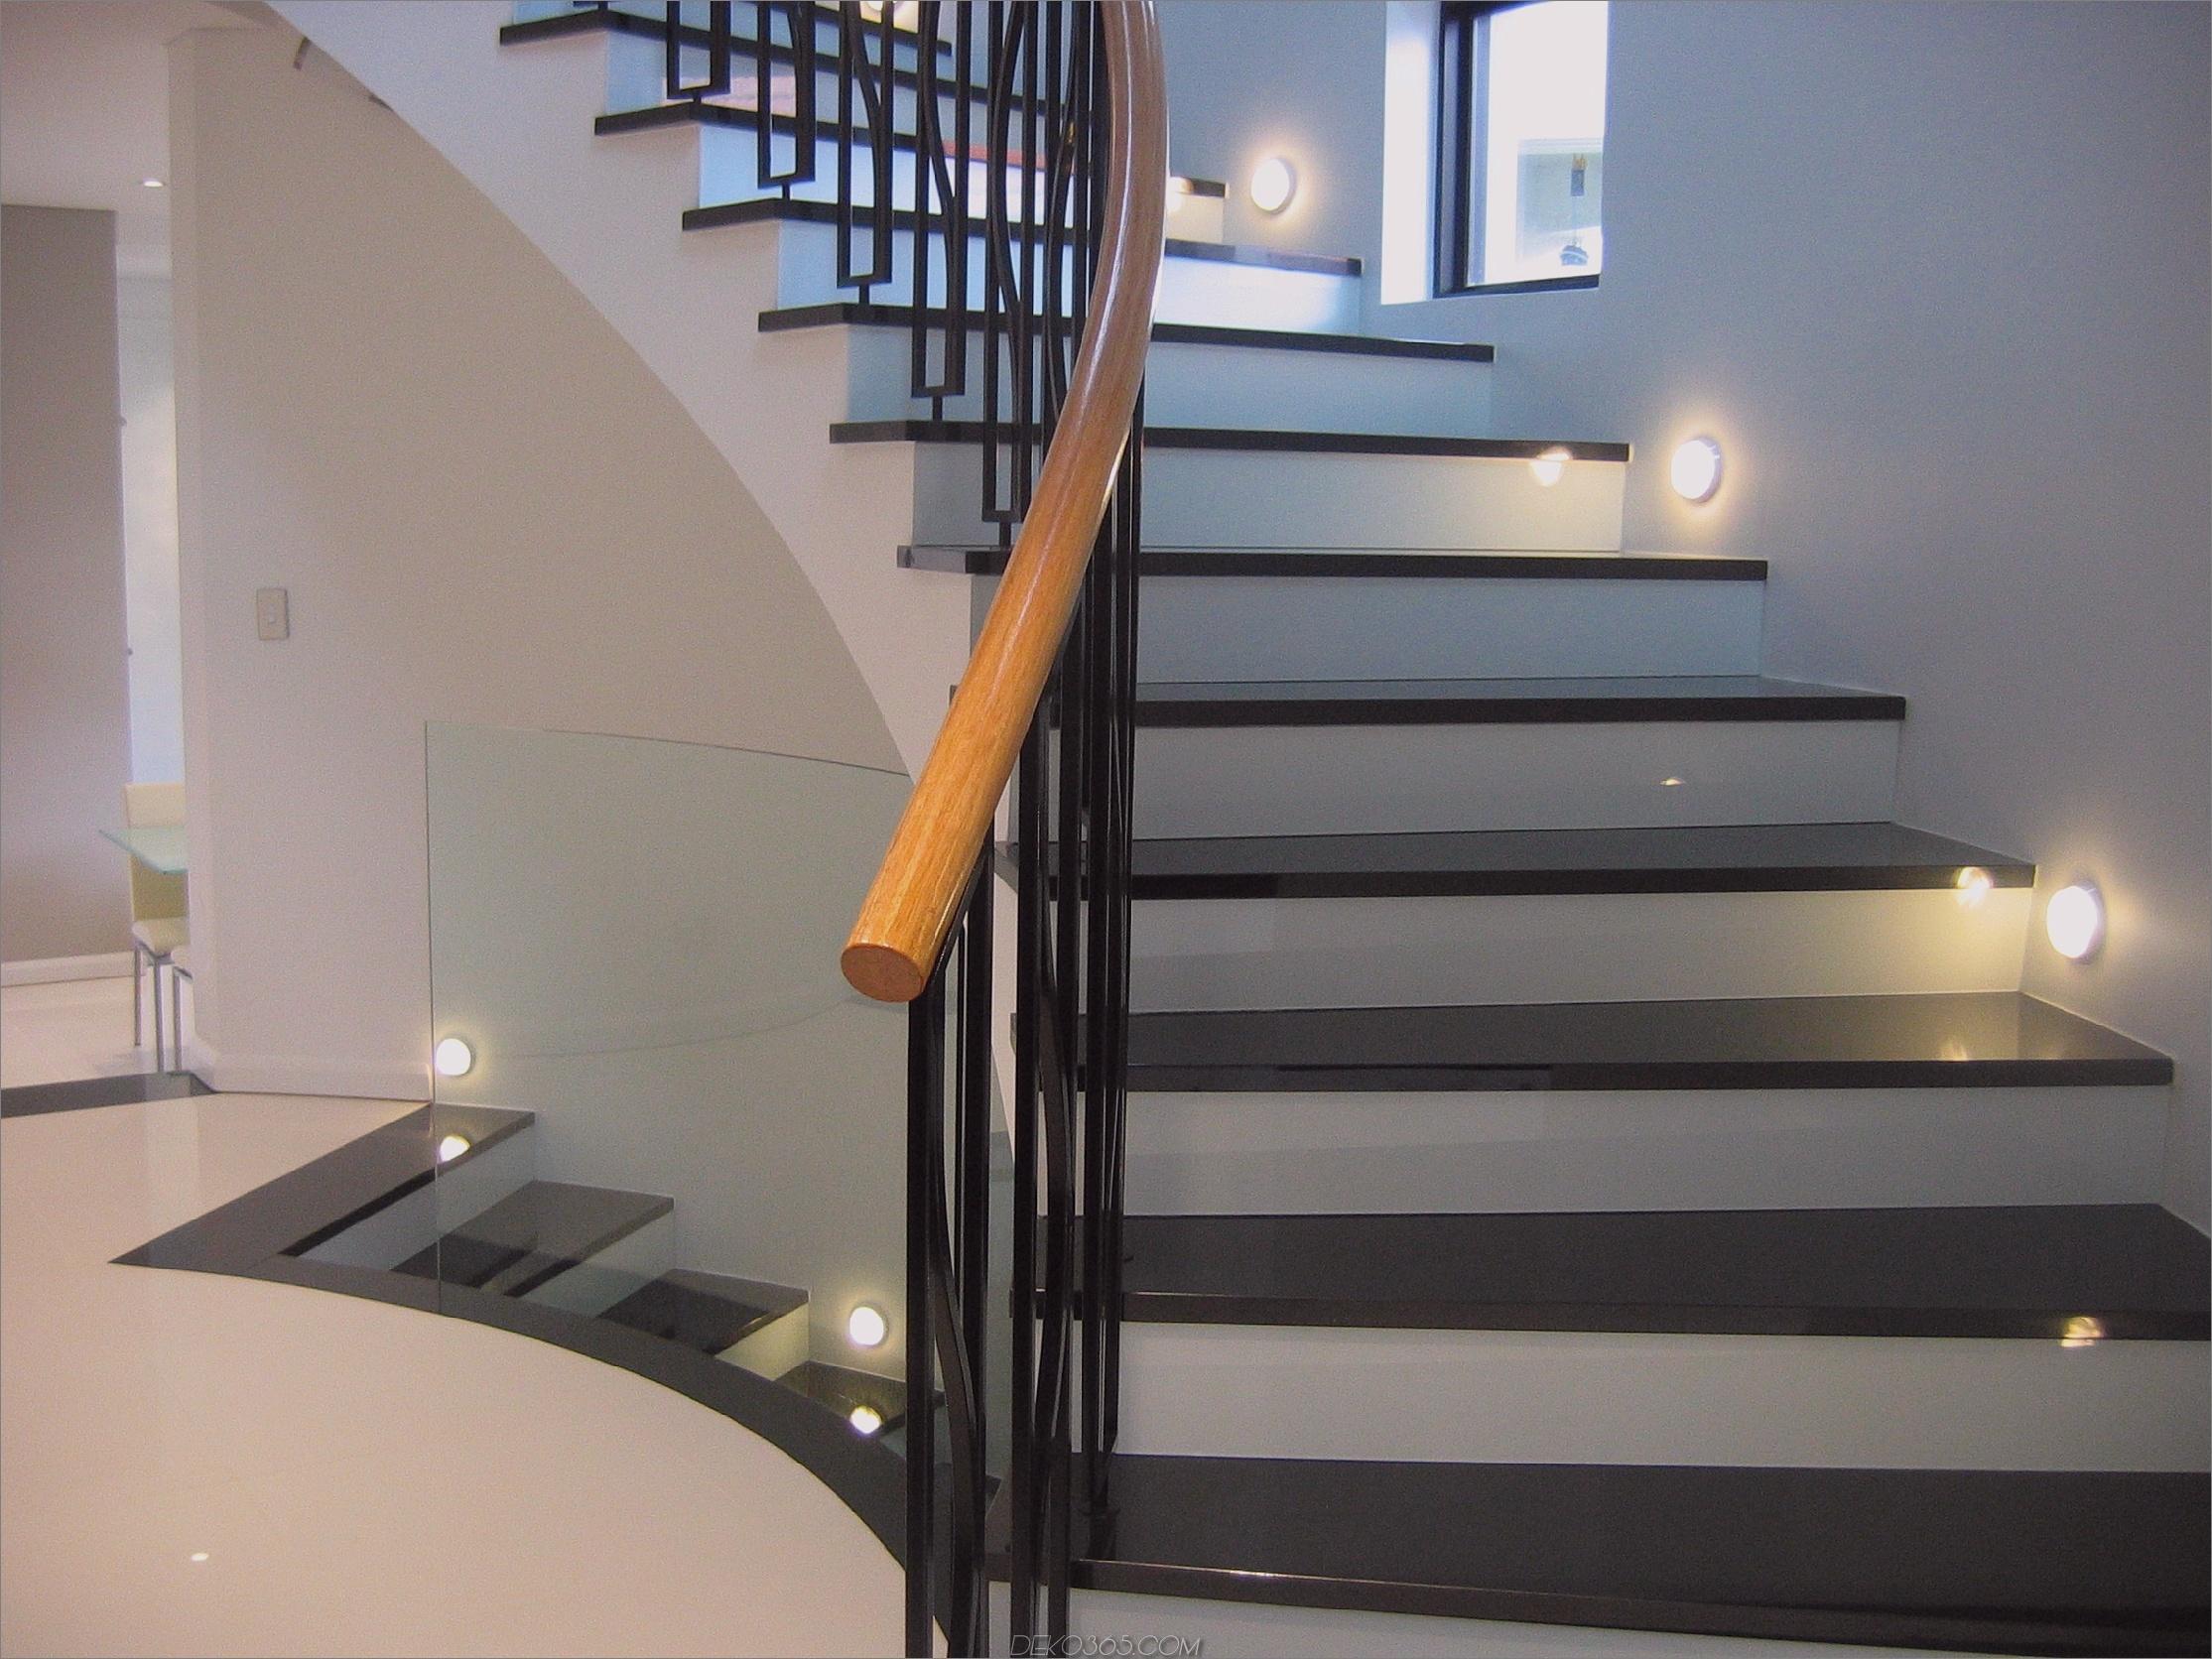 10 kreative Möglichkeiten zur Aktualisierung Ihrer Treppe_5c58bb061395f.jpg